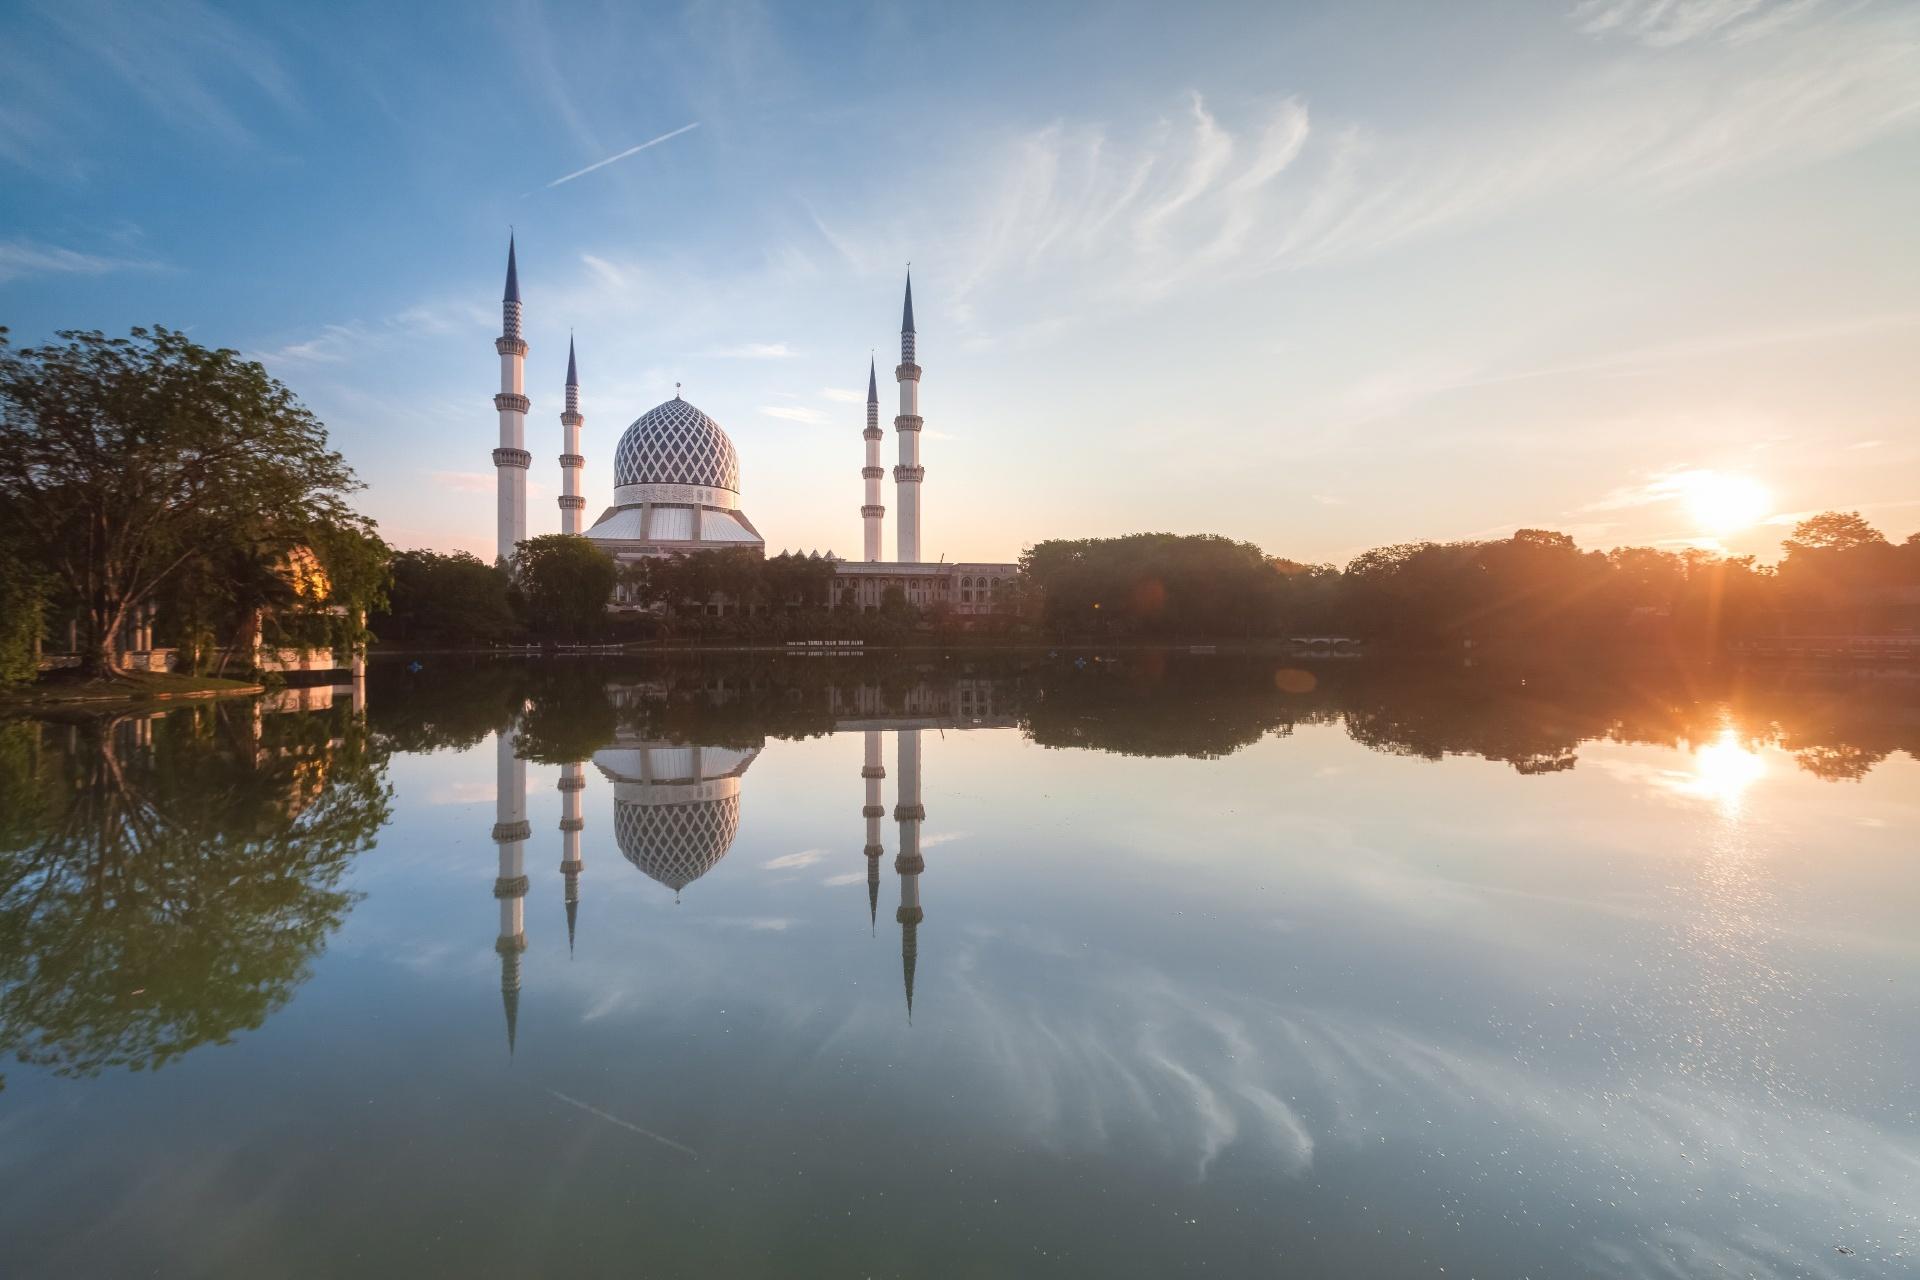 マレーシア、シャー・アラムの湖畔の穏やかなモスクの美しい日の出の眺め